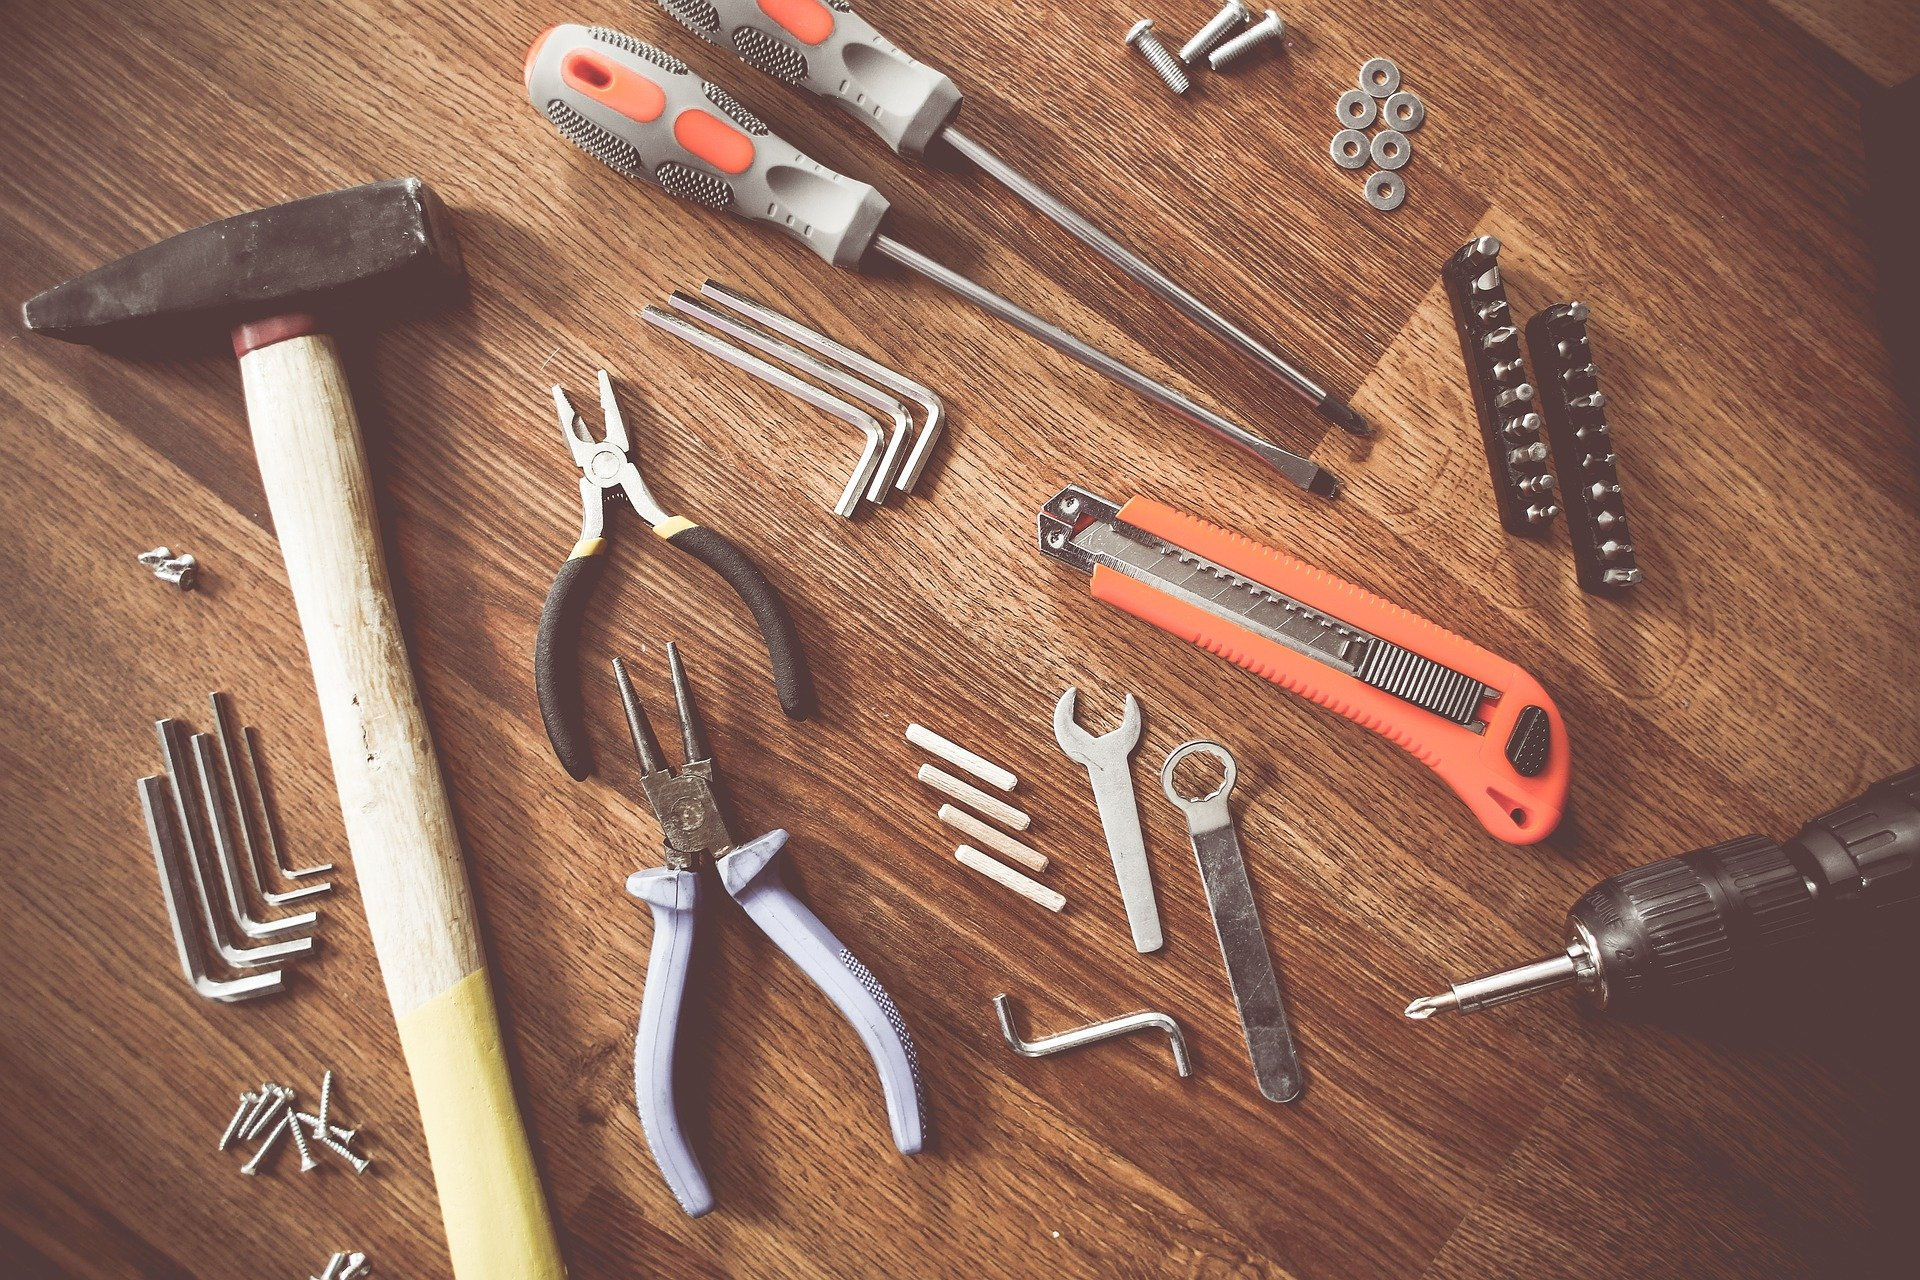 Vemos, sobre uma superfície de madeira, diversas ferramentas, como martelo, estilete, alicate etc. (imagem ilustrativa).